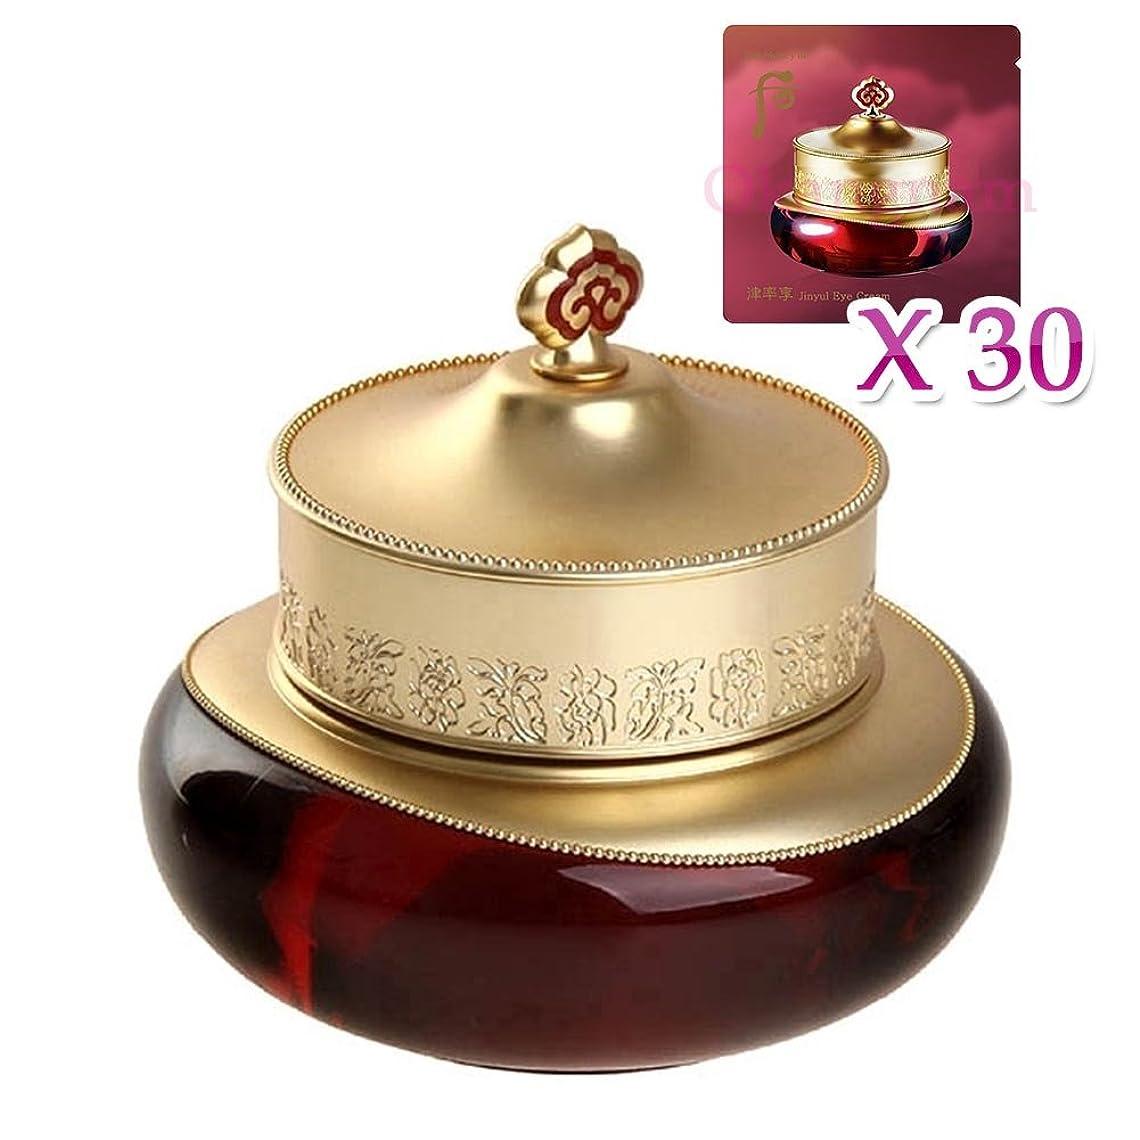 緯度助言するコンパイル【フー/ The history of whoo] Whoo 后 GYH05 Jinyul Cream / 后(フー)ゴンジンヒャン 津率(ジンユル)クリーム50ml + [Sample Gift](海外直送品)